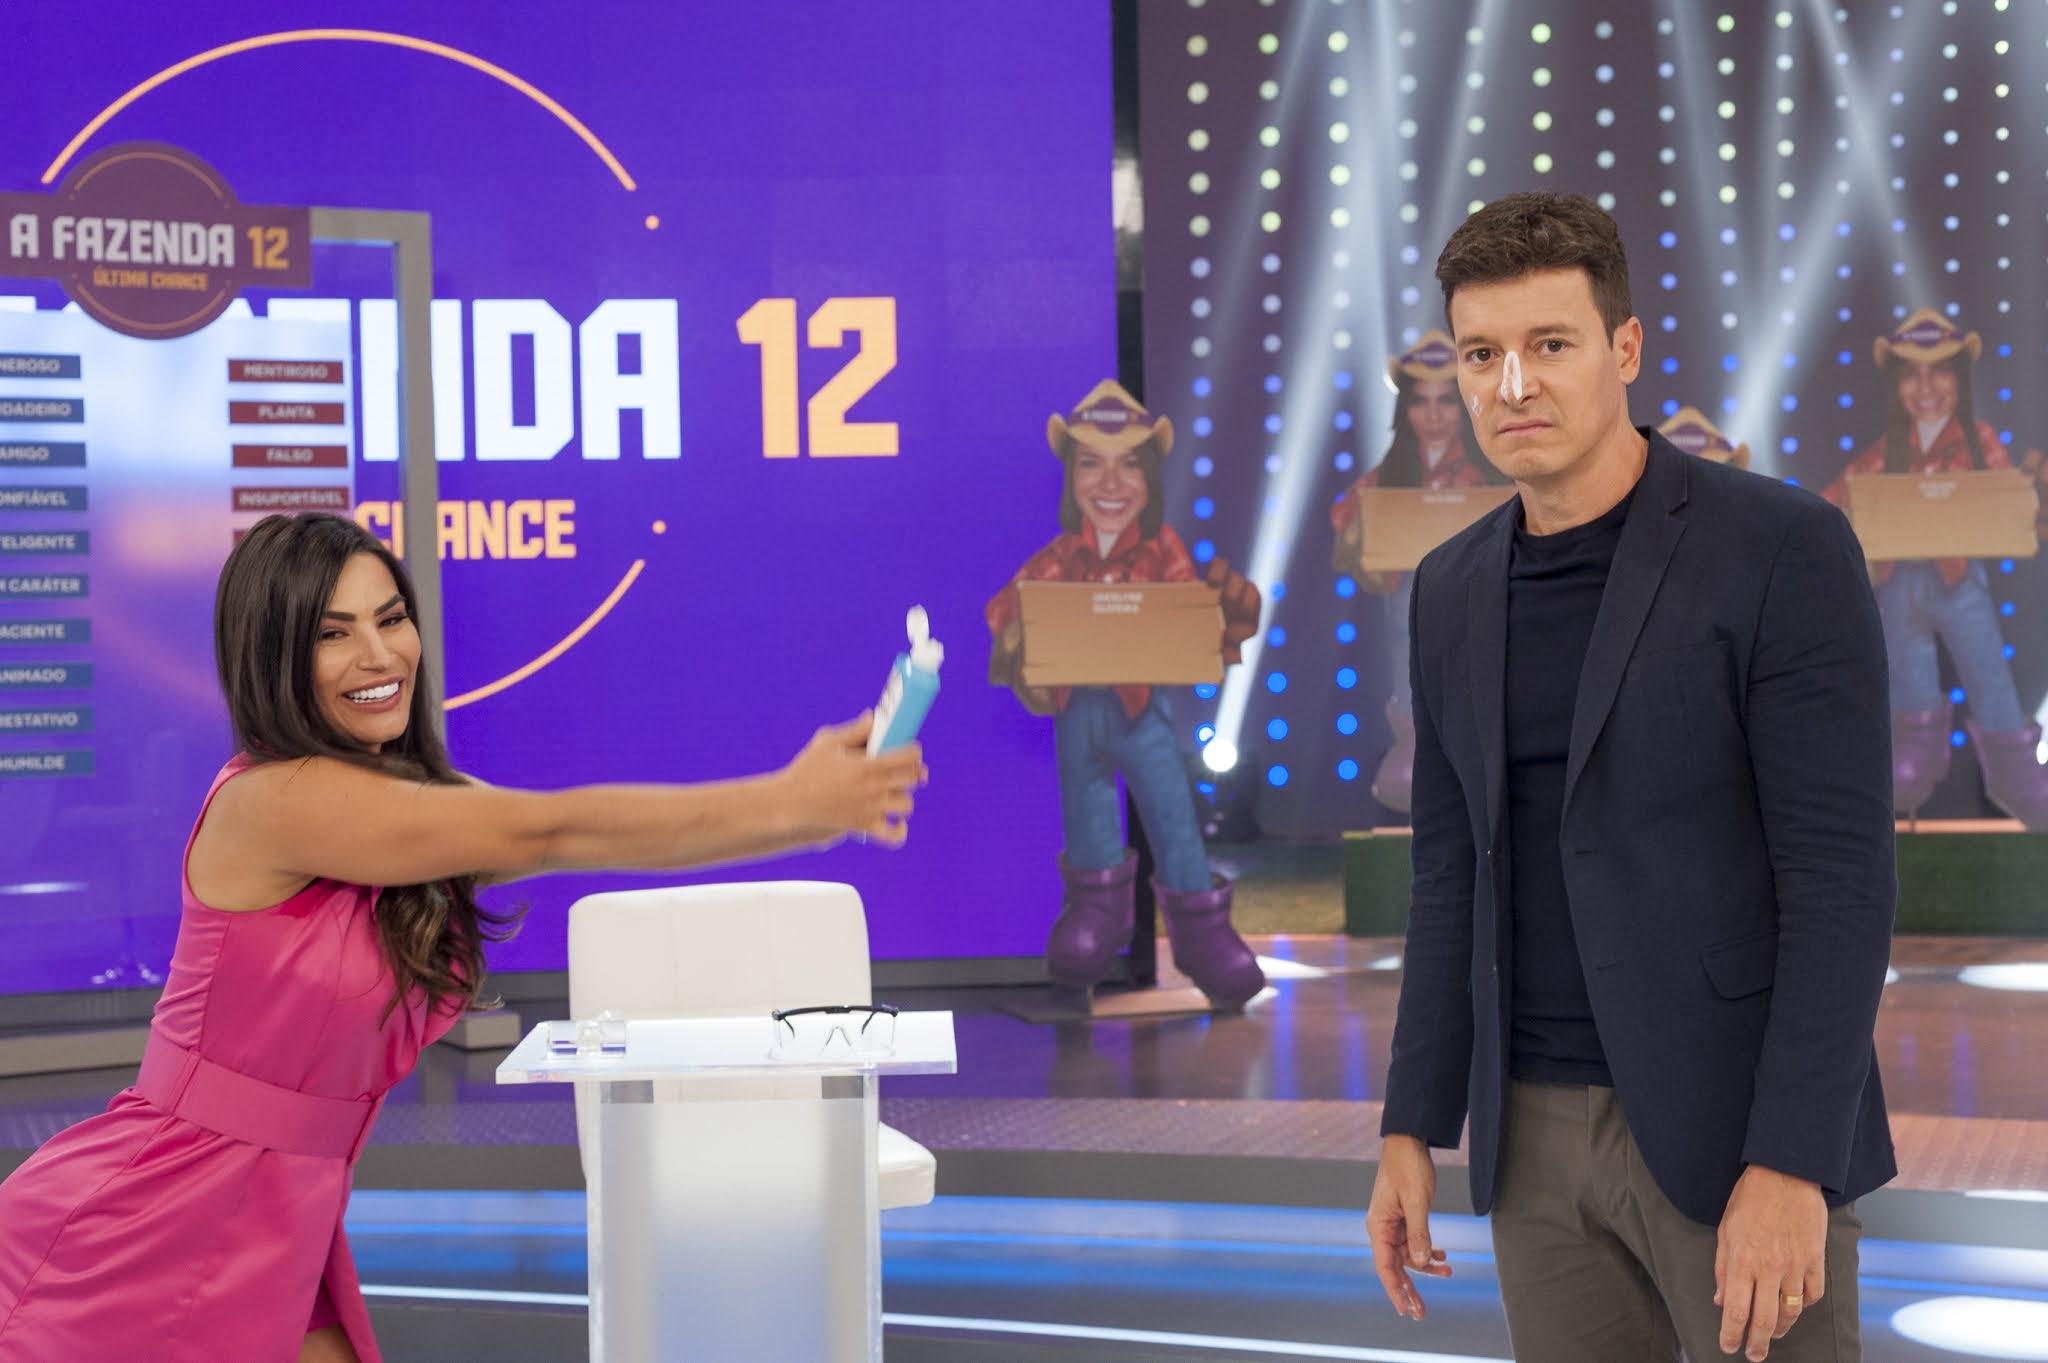 Confira os dados de audiência consolidados das principais emissoras de TV deste domingo, dia 29 de novembro de 2020